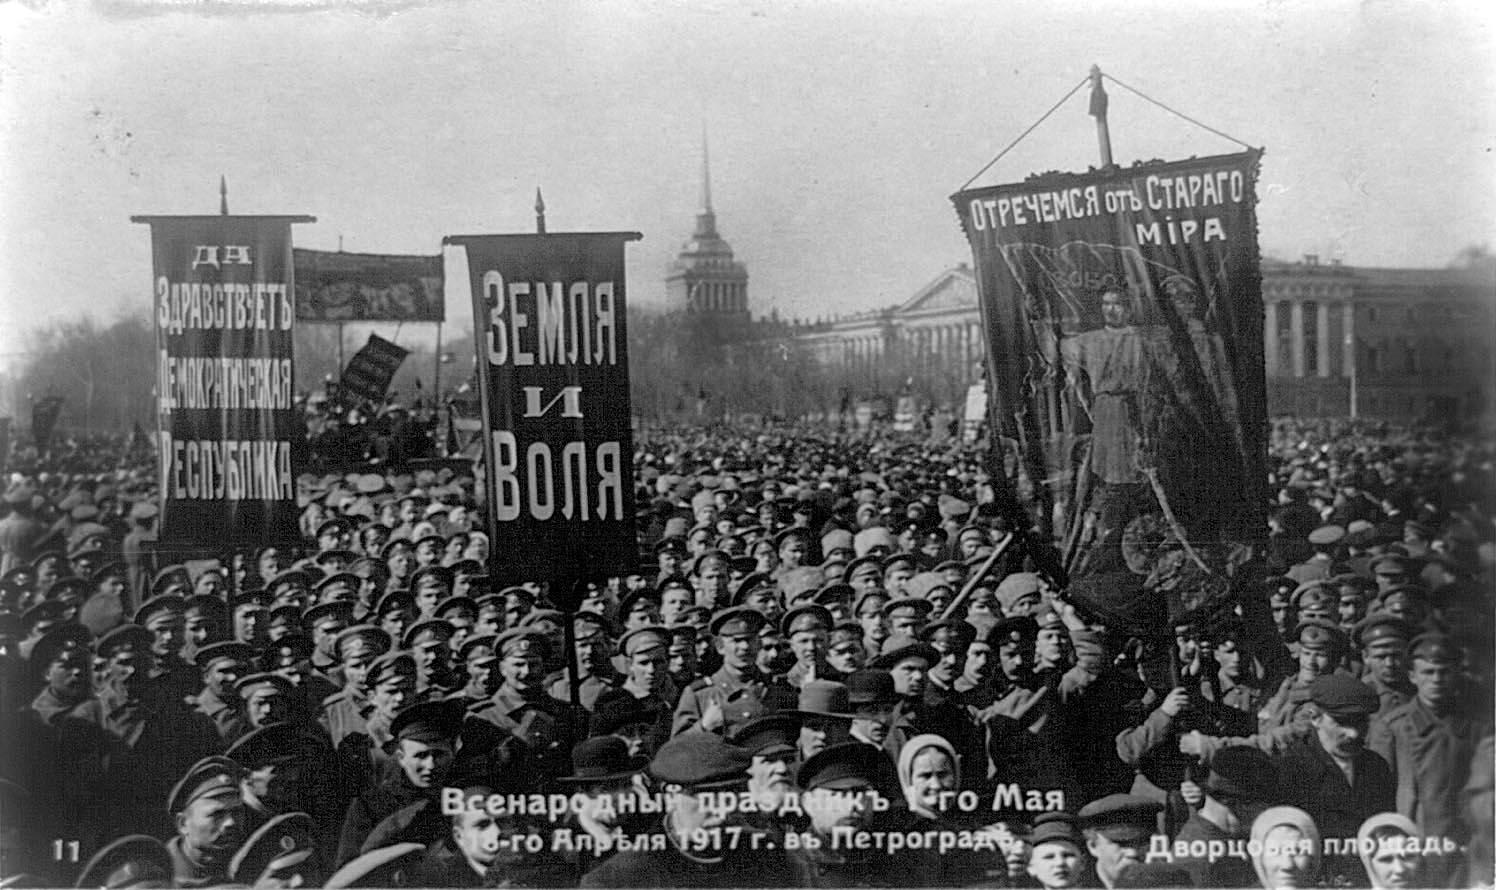 23Всенародный праздник 1-го Мая, 18 апреля 1917 г. Дворцовая площадь